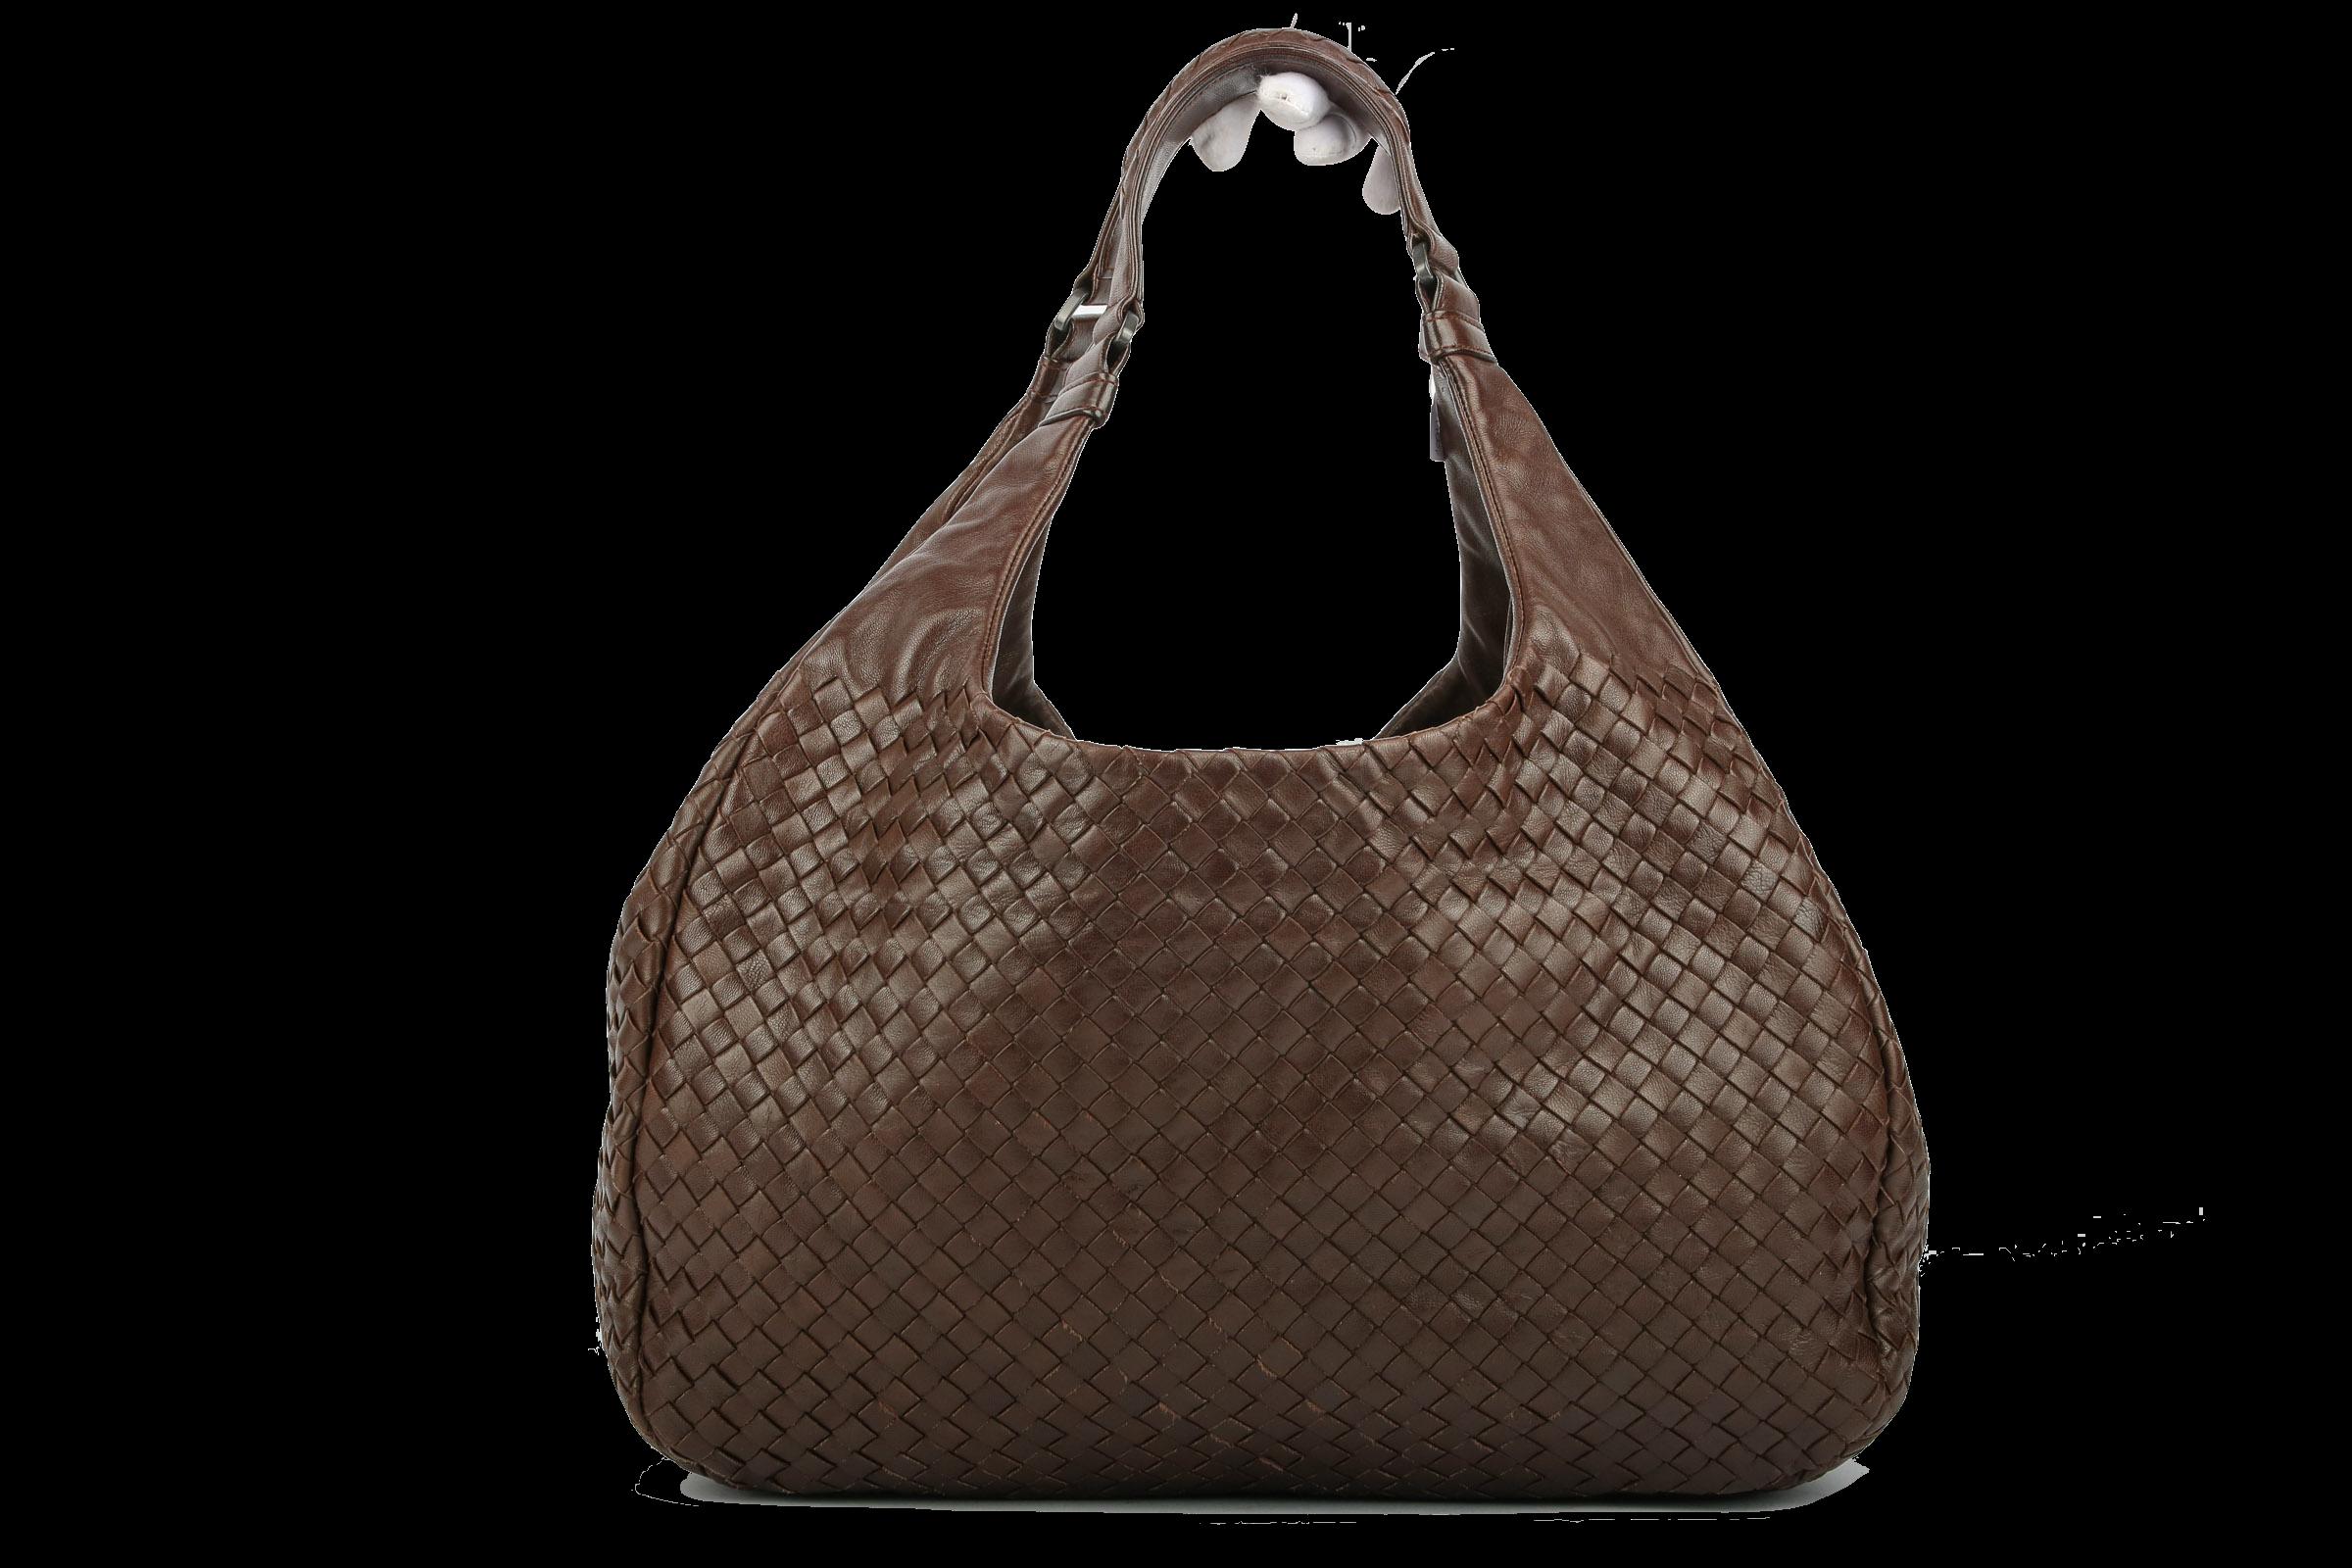 3e6fd0d754 Bottega Veneta Shoulder Bag Intrecciato Nappa Brown